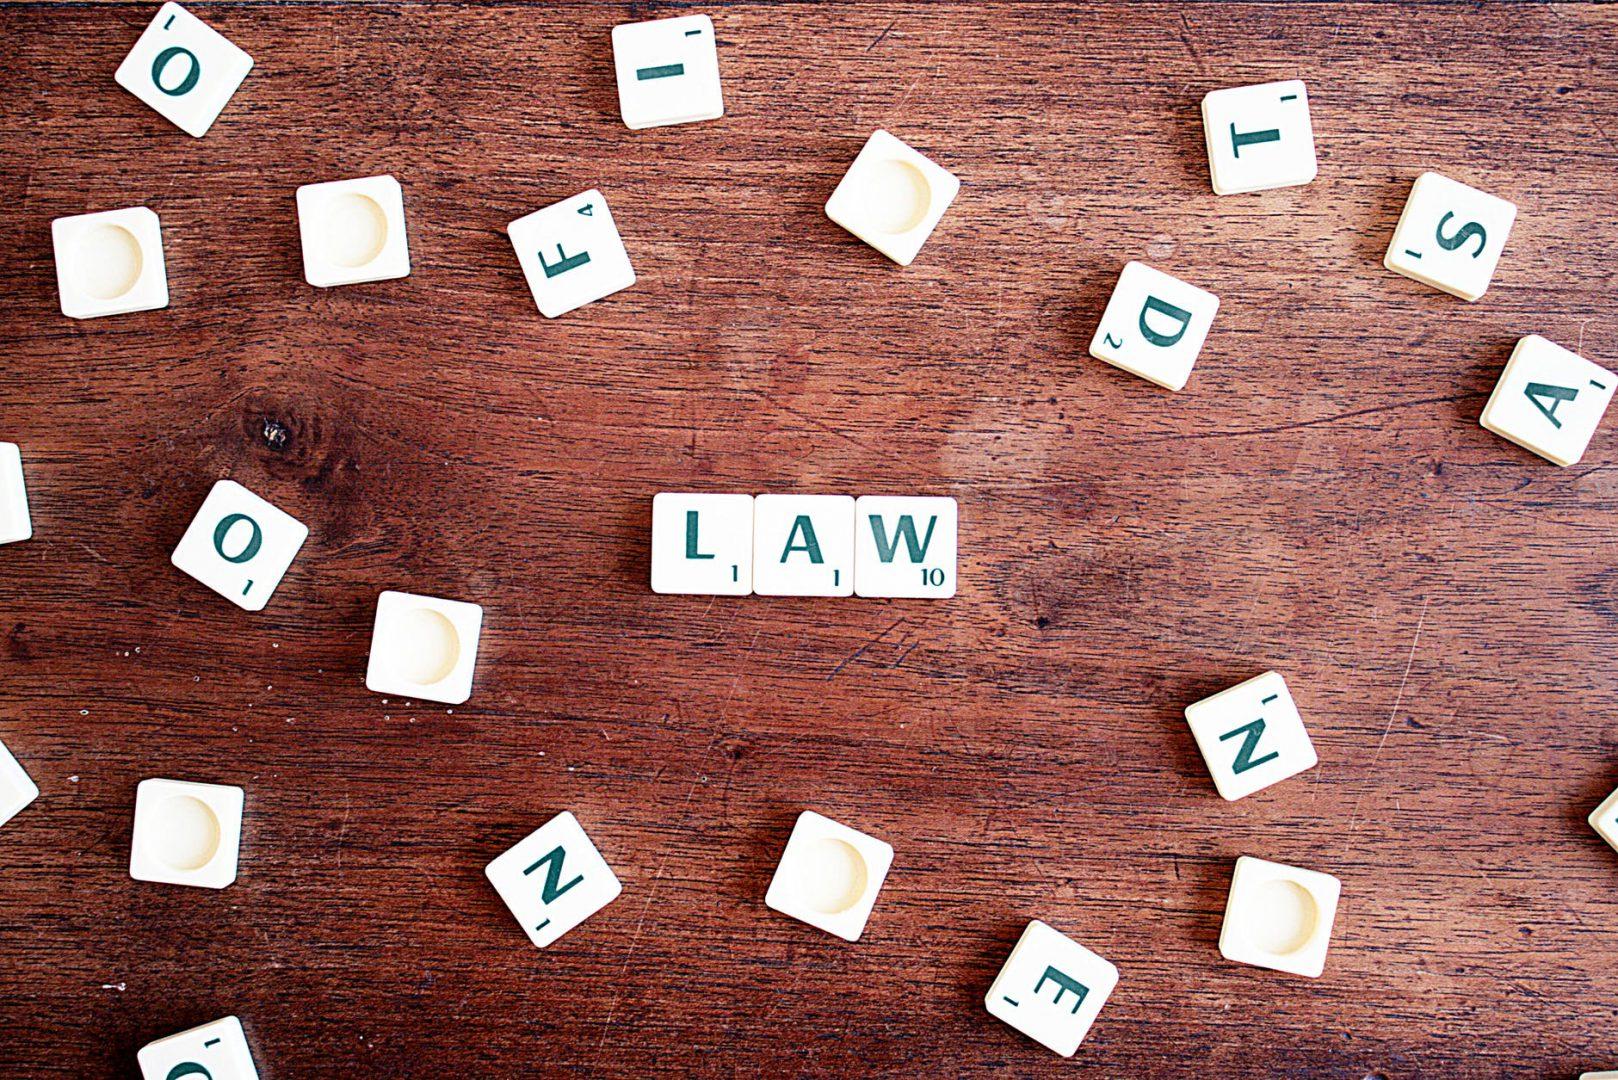 Obraz przedstawia napis law w języku angielskim, który ułożony jest z białych klocków z zielonymi literkami